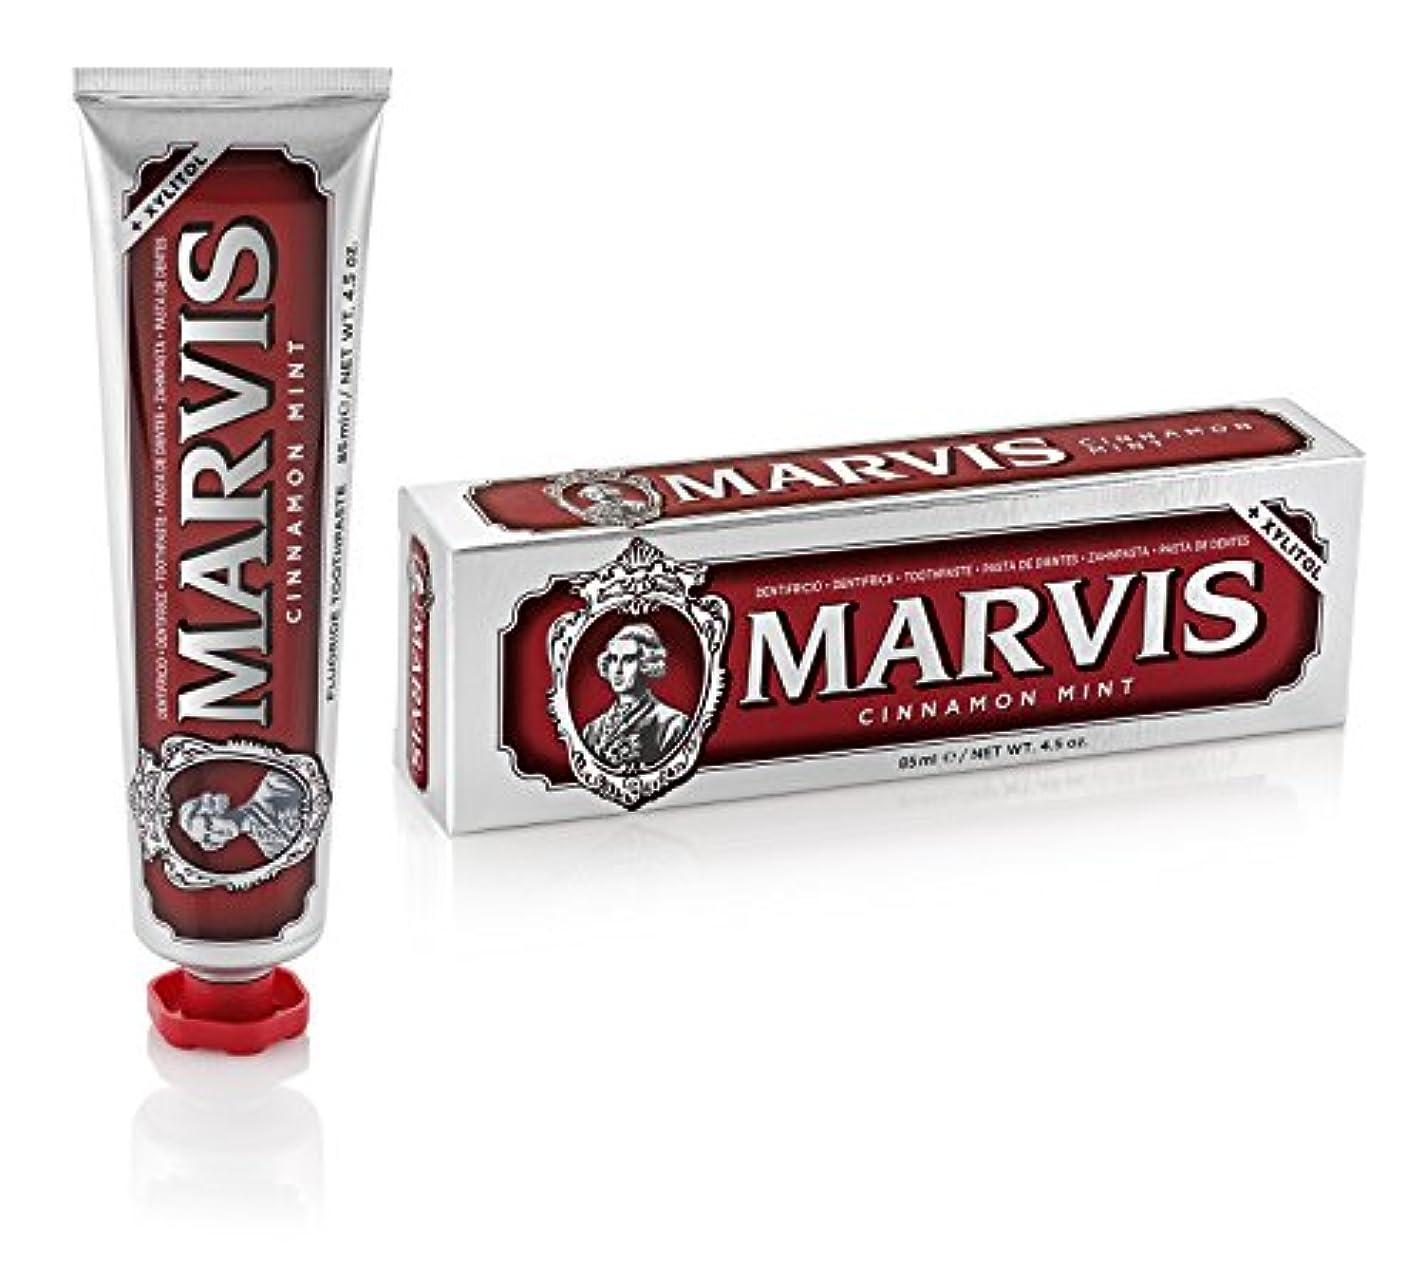 思想懇願するなめらかなマーヴィス Cinnamon Mint Toothpaste 85ml/4.5oz並行輸入品